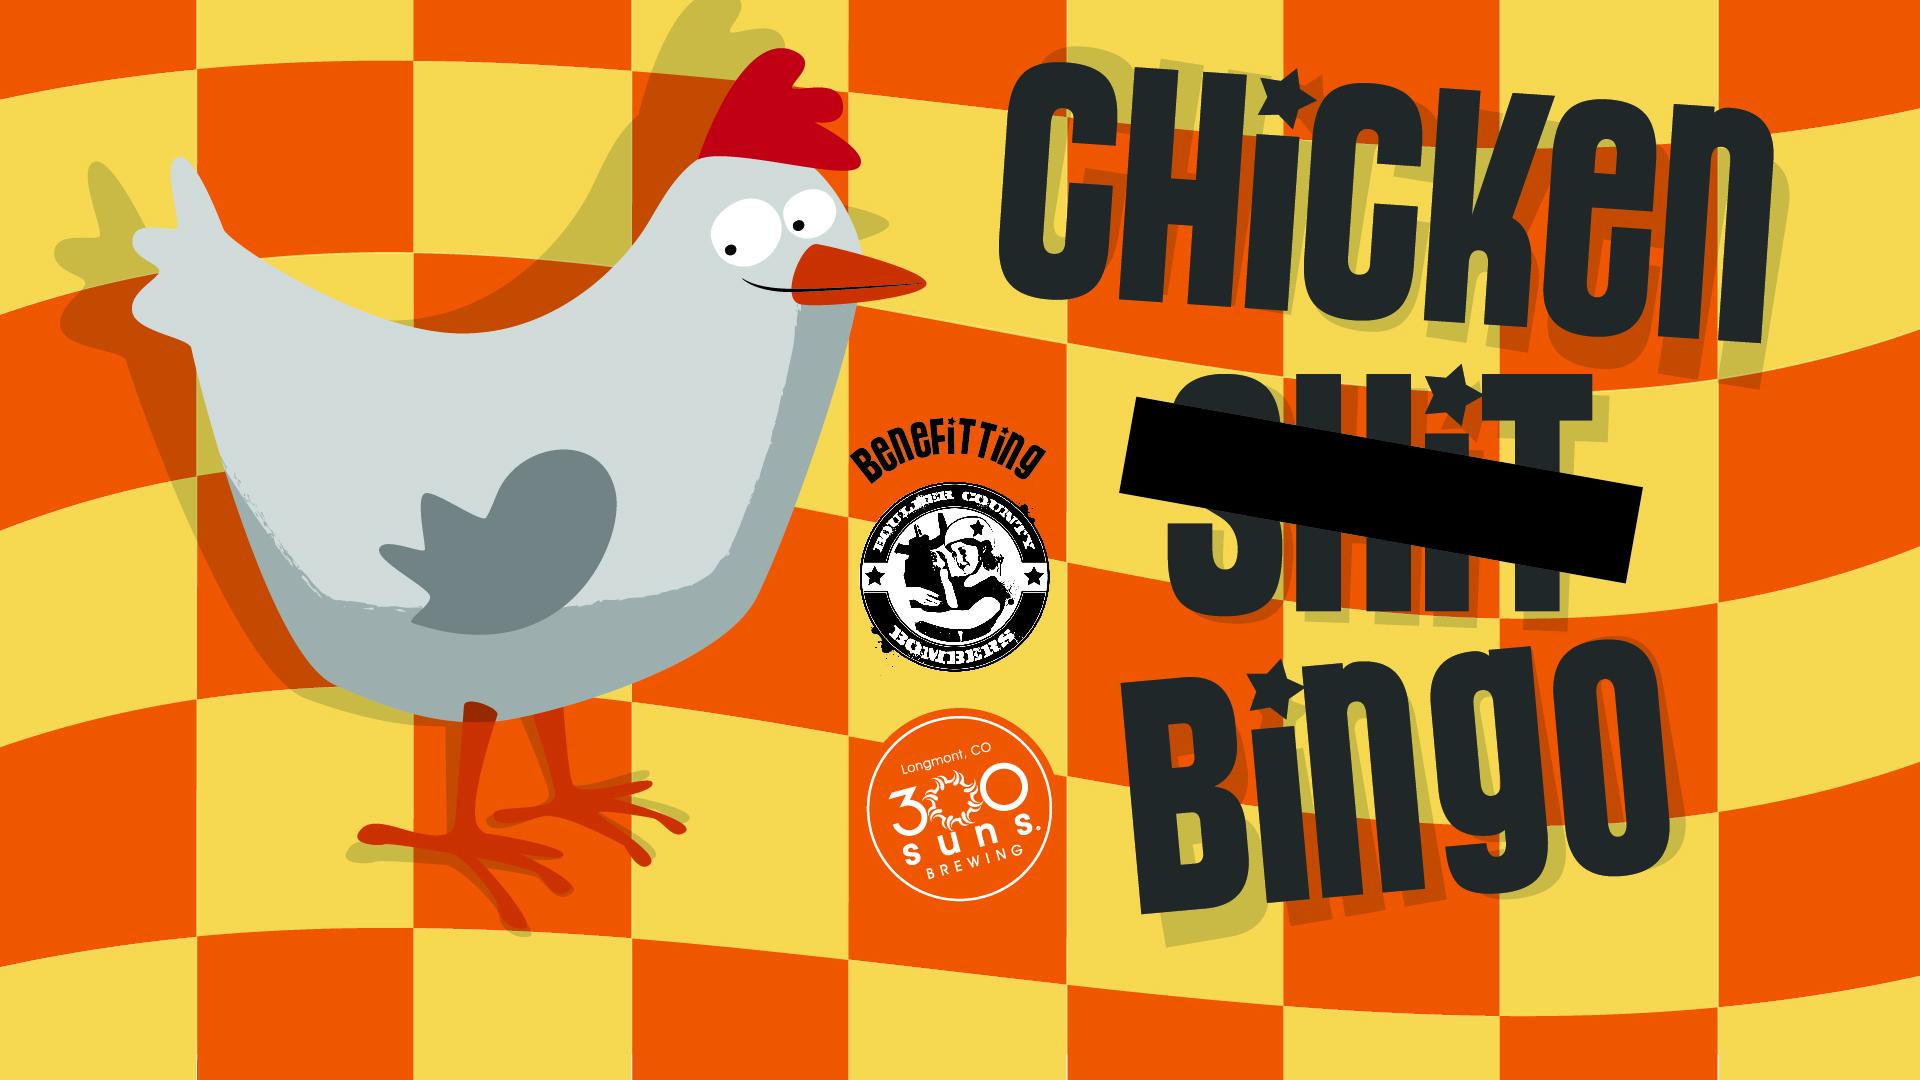 Chicken Bleep Bingo